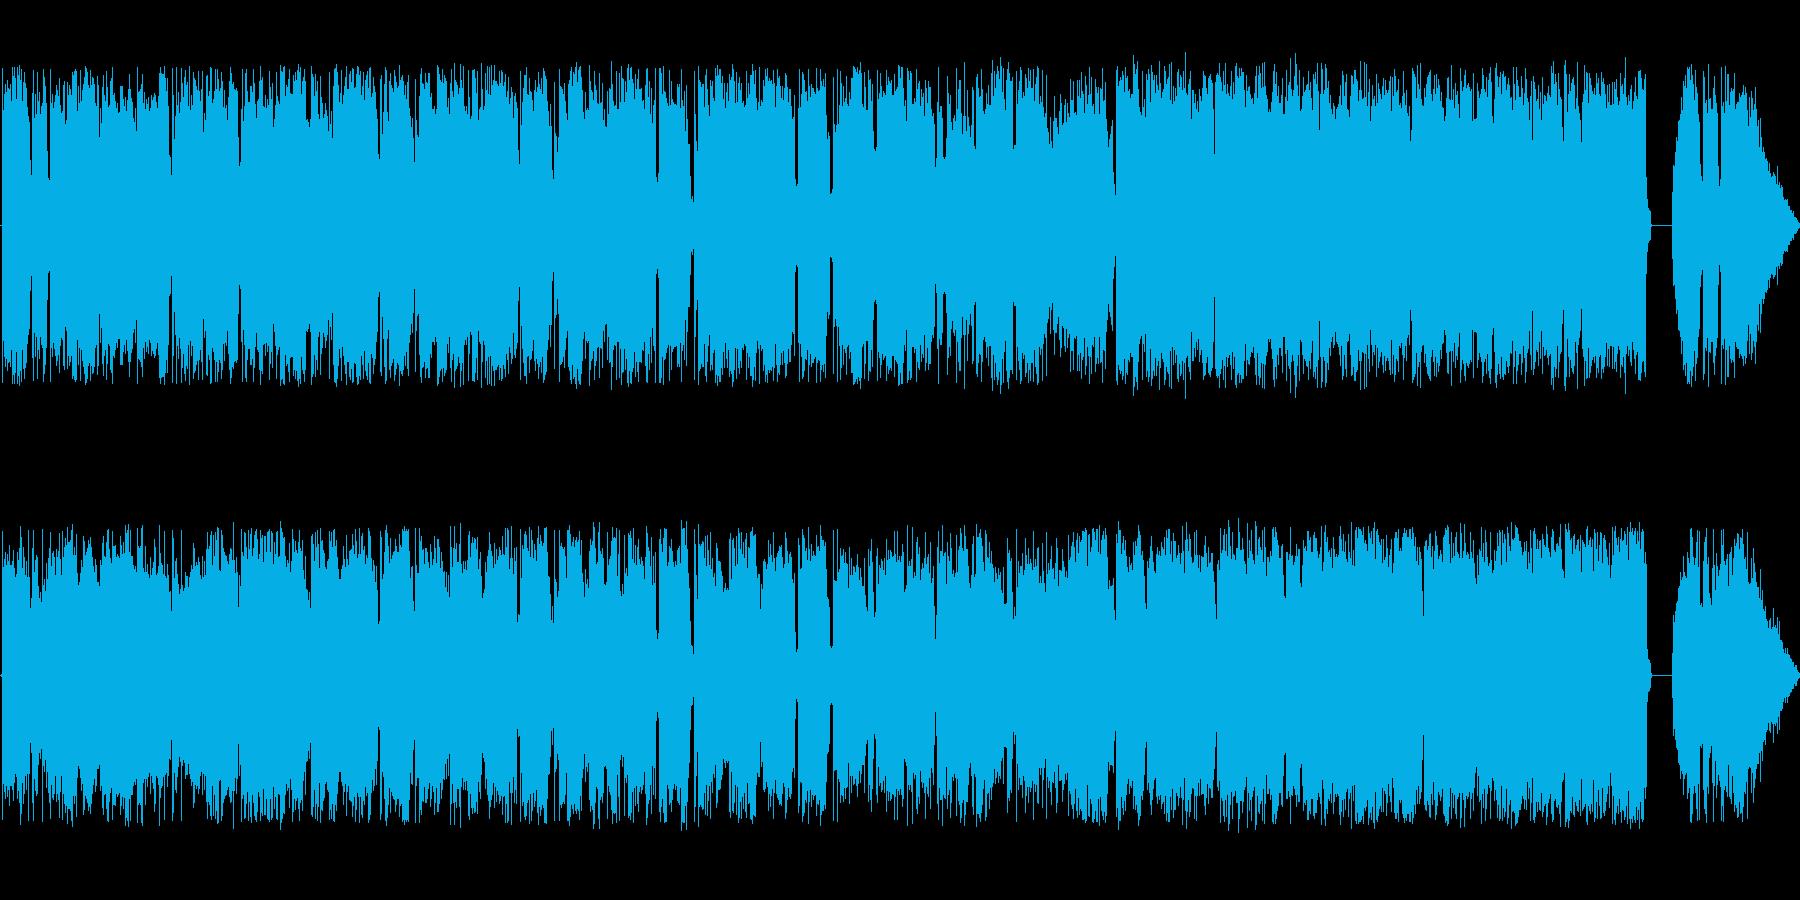 POPチューンの再生済みの波形